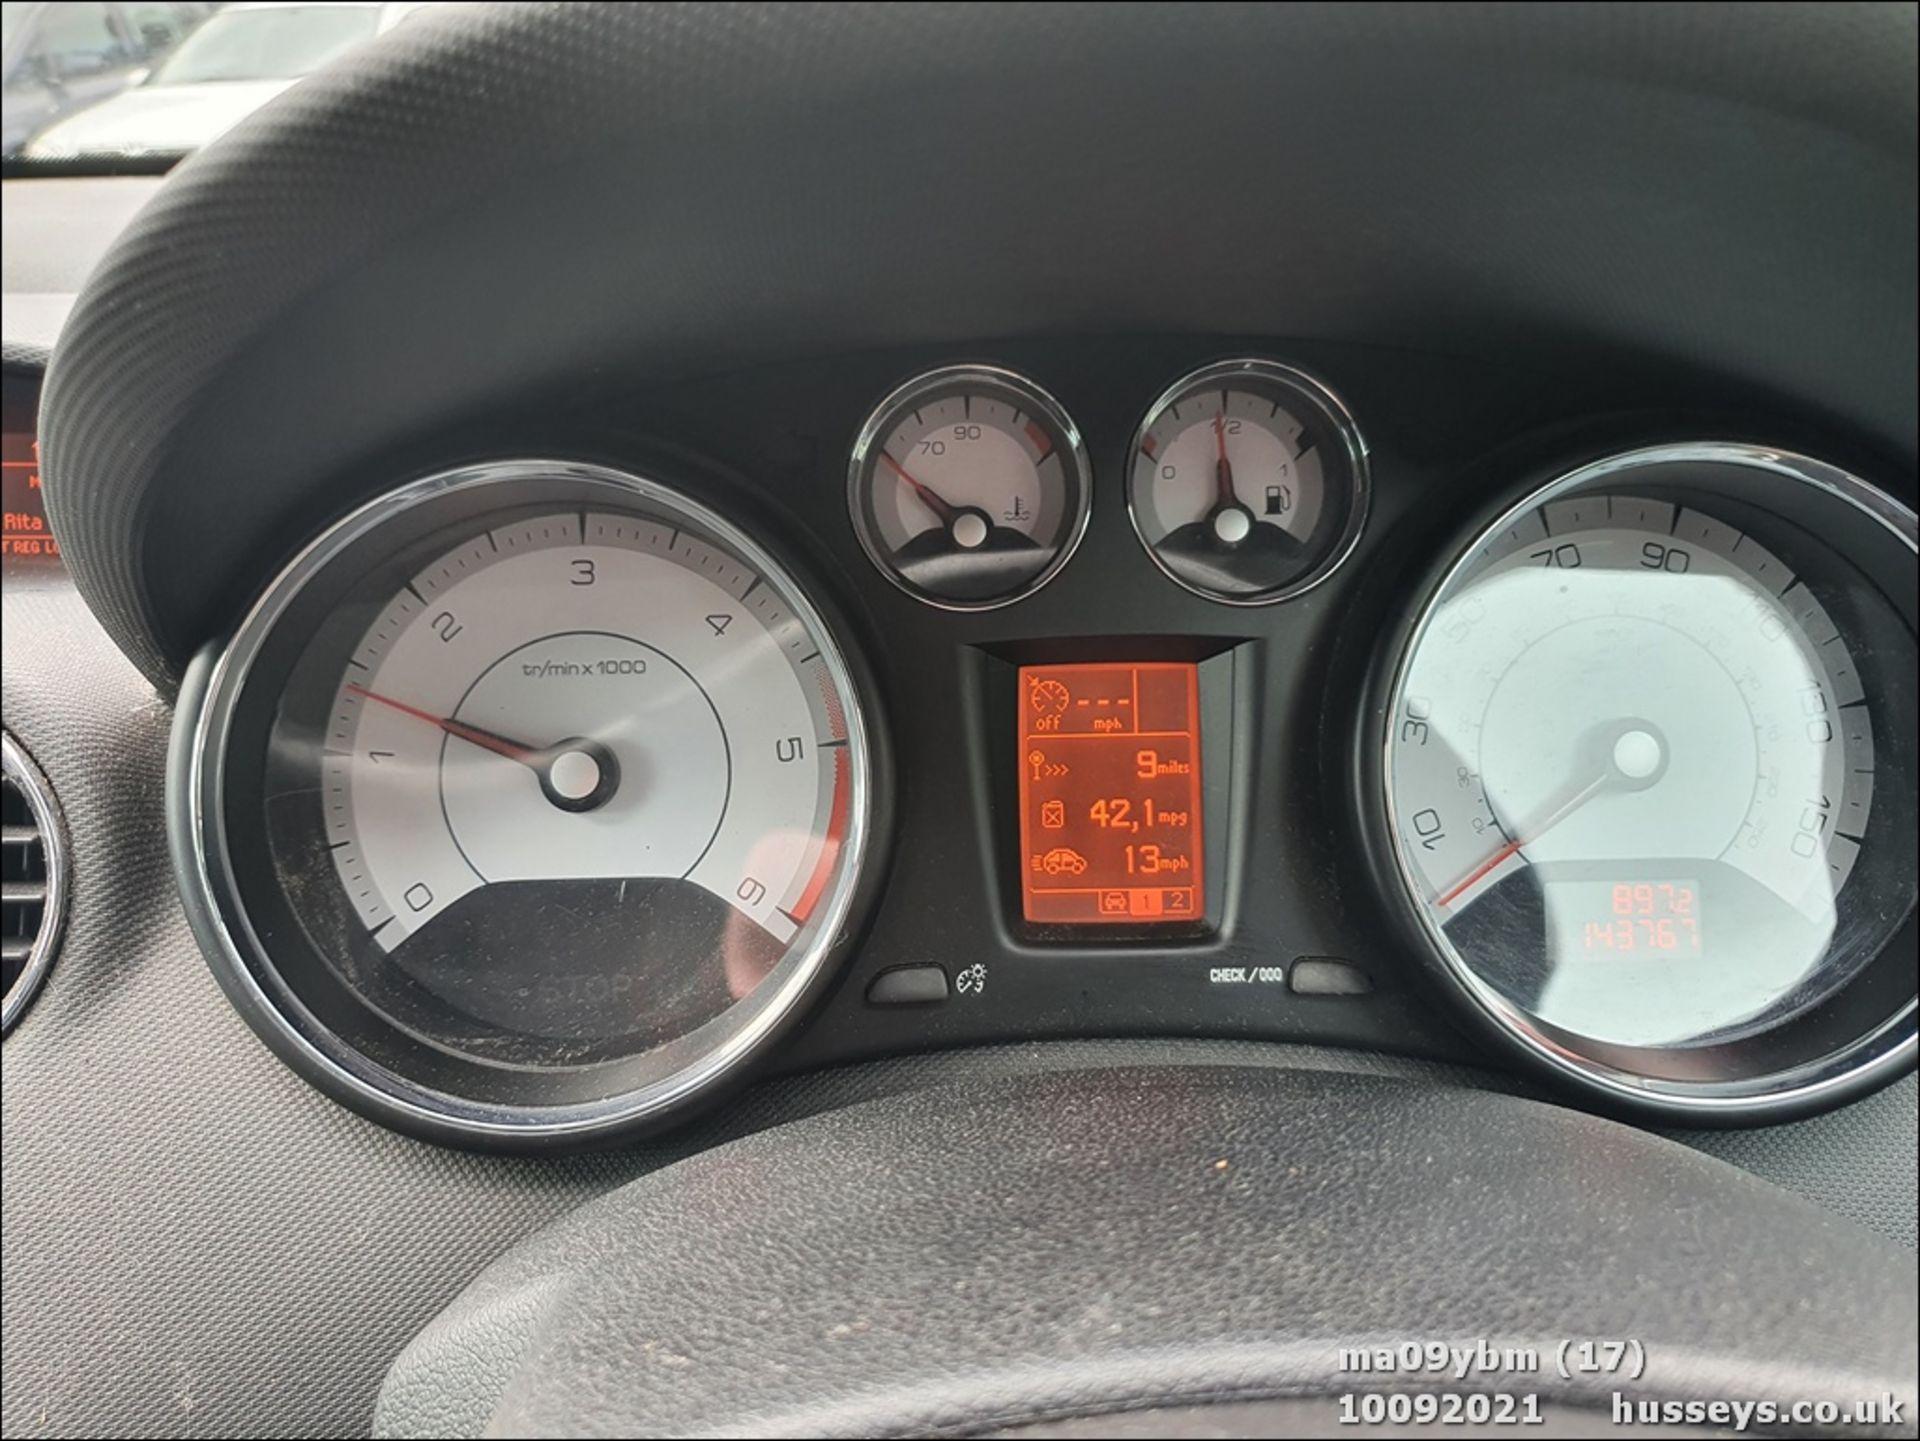 09/09 PEUGEOT 308 SE HDI - 1560cc 5dr Hatchback (Red) - Image 17 of 19